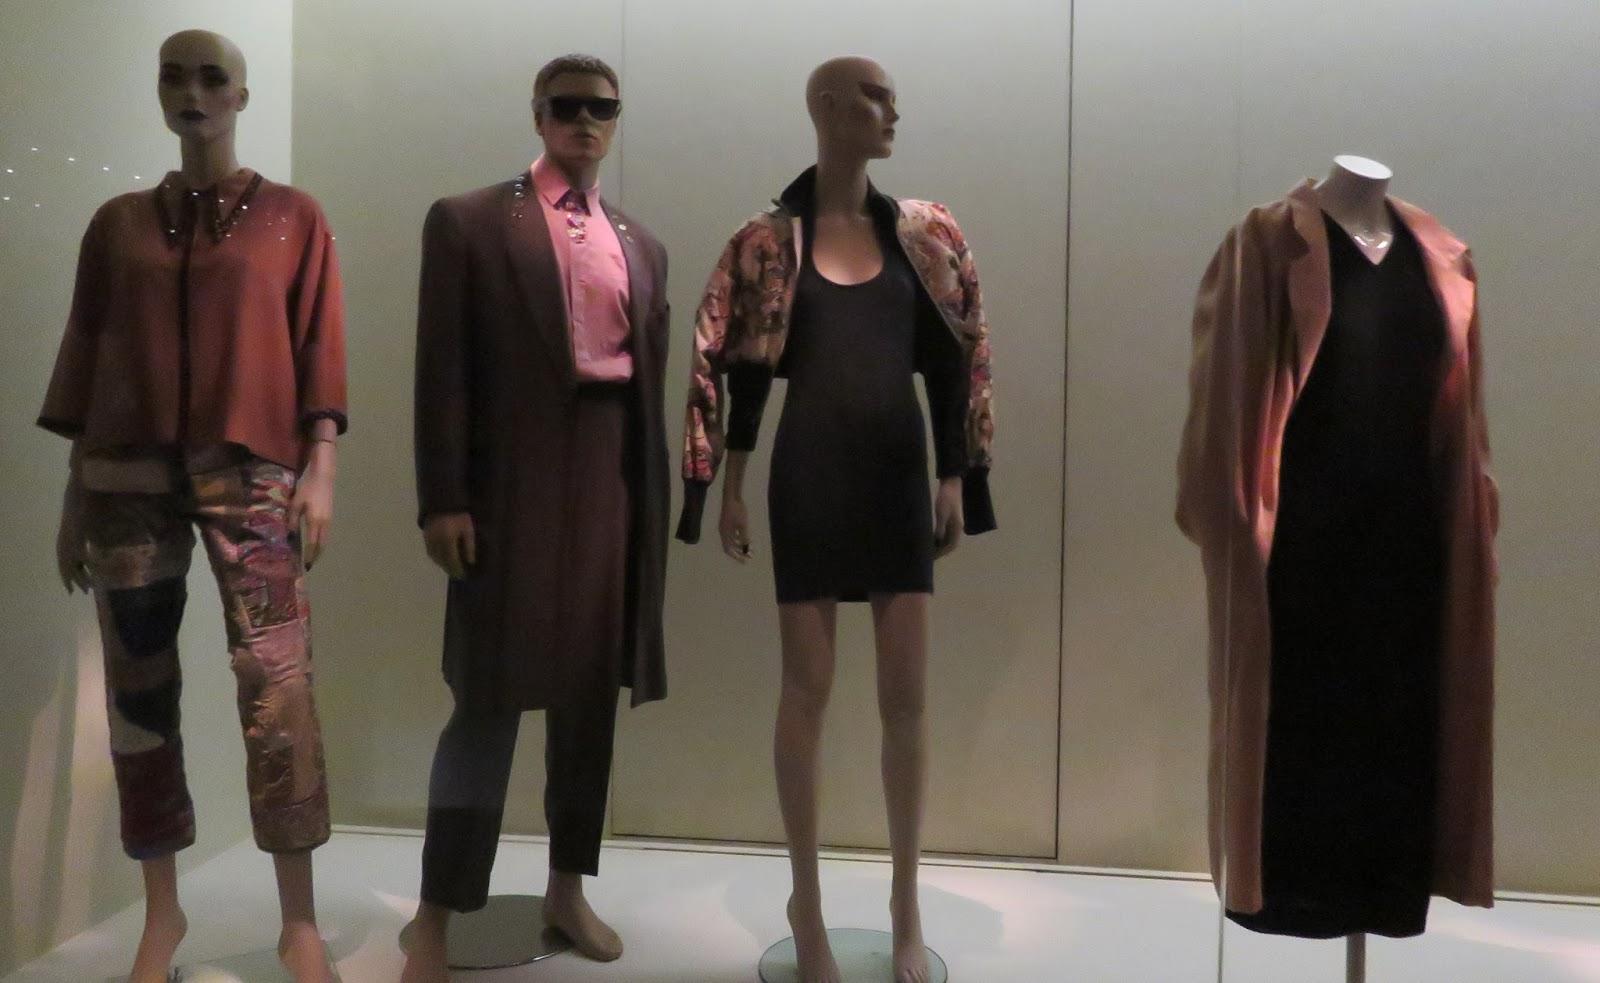 visitando el museo del traje un recorrido hist rico para